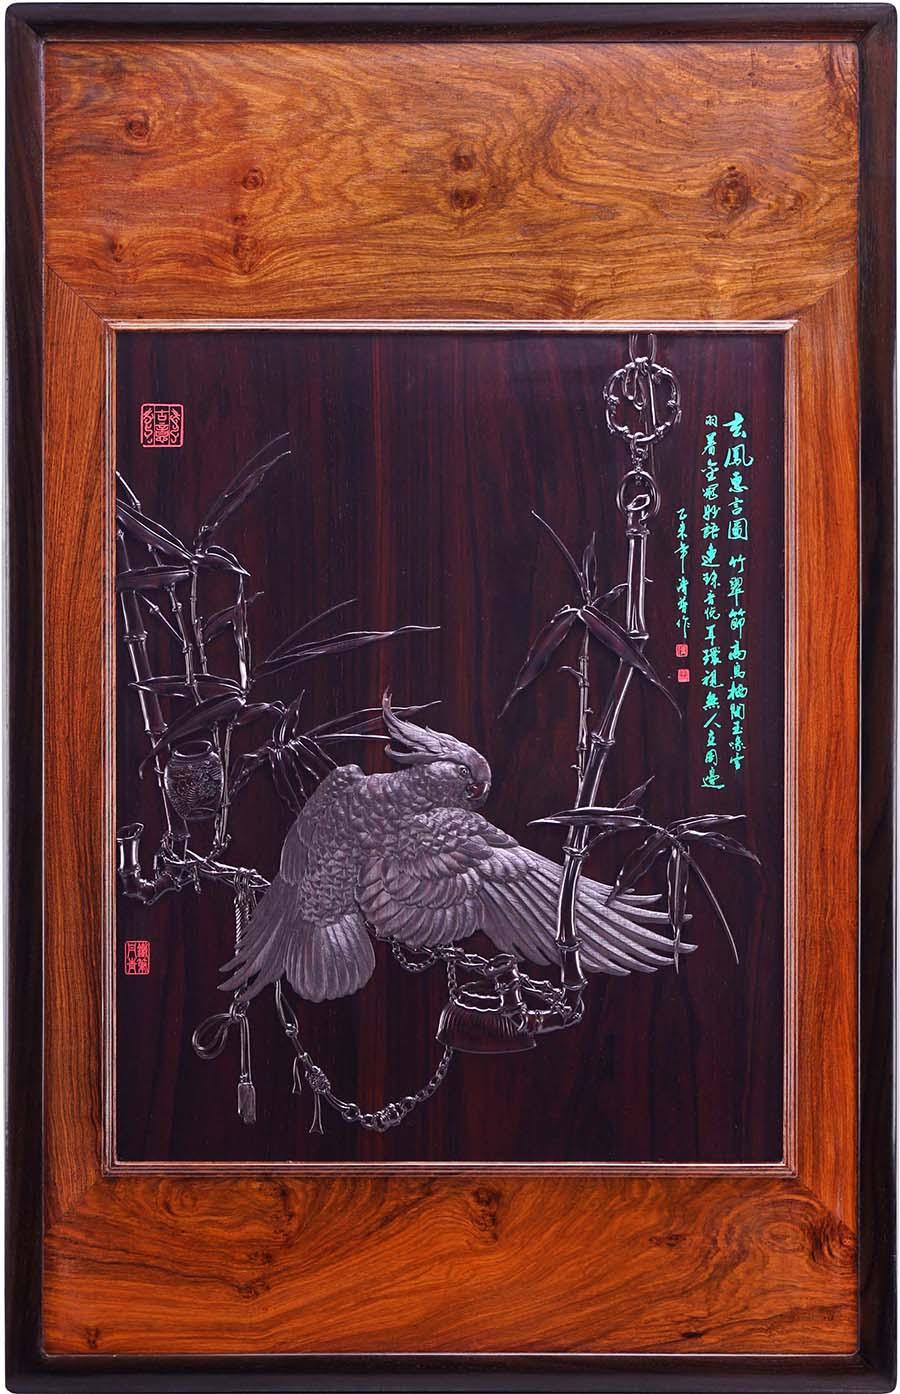 《玄鸟迎福》挂屏